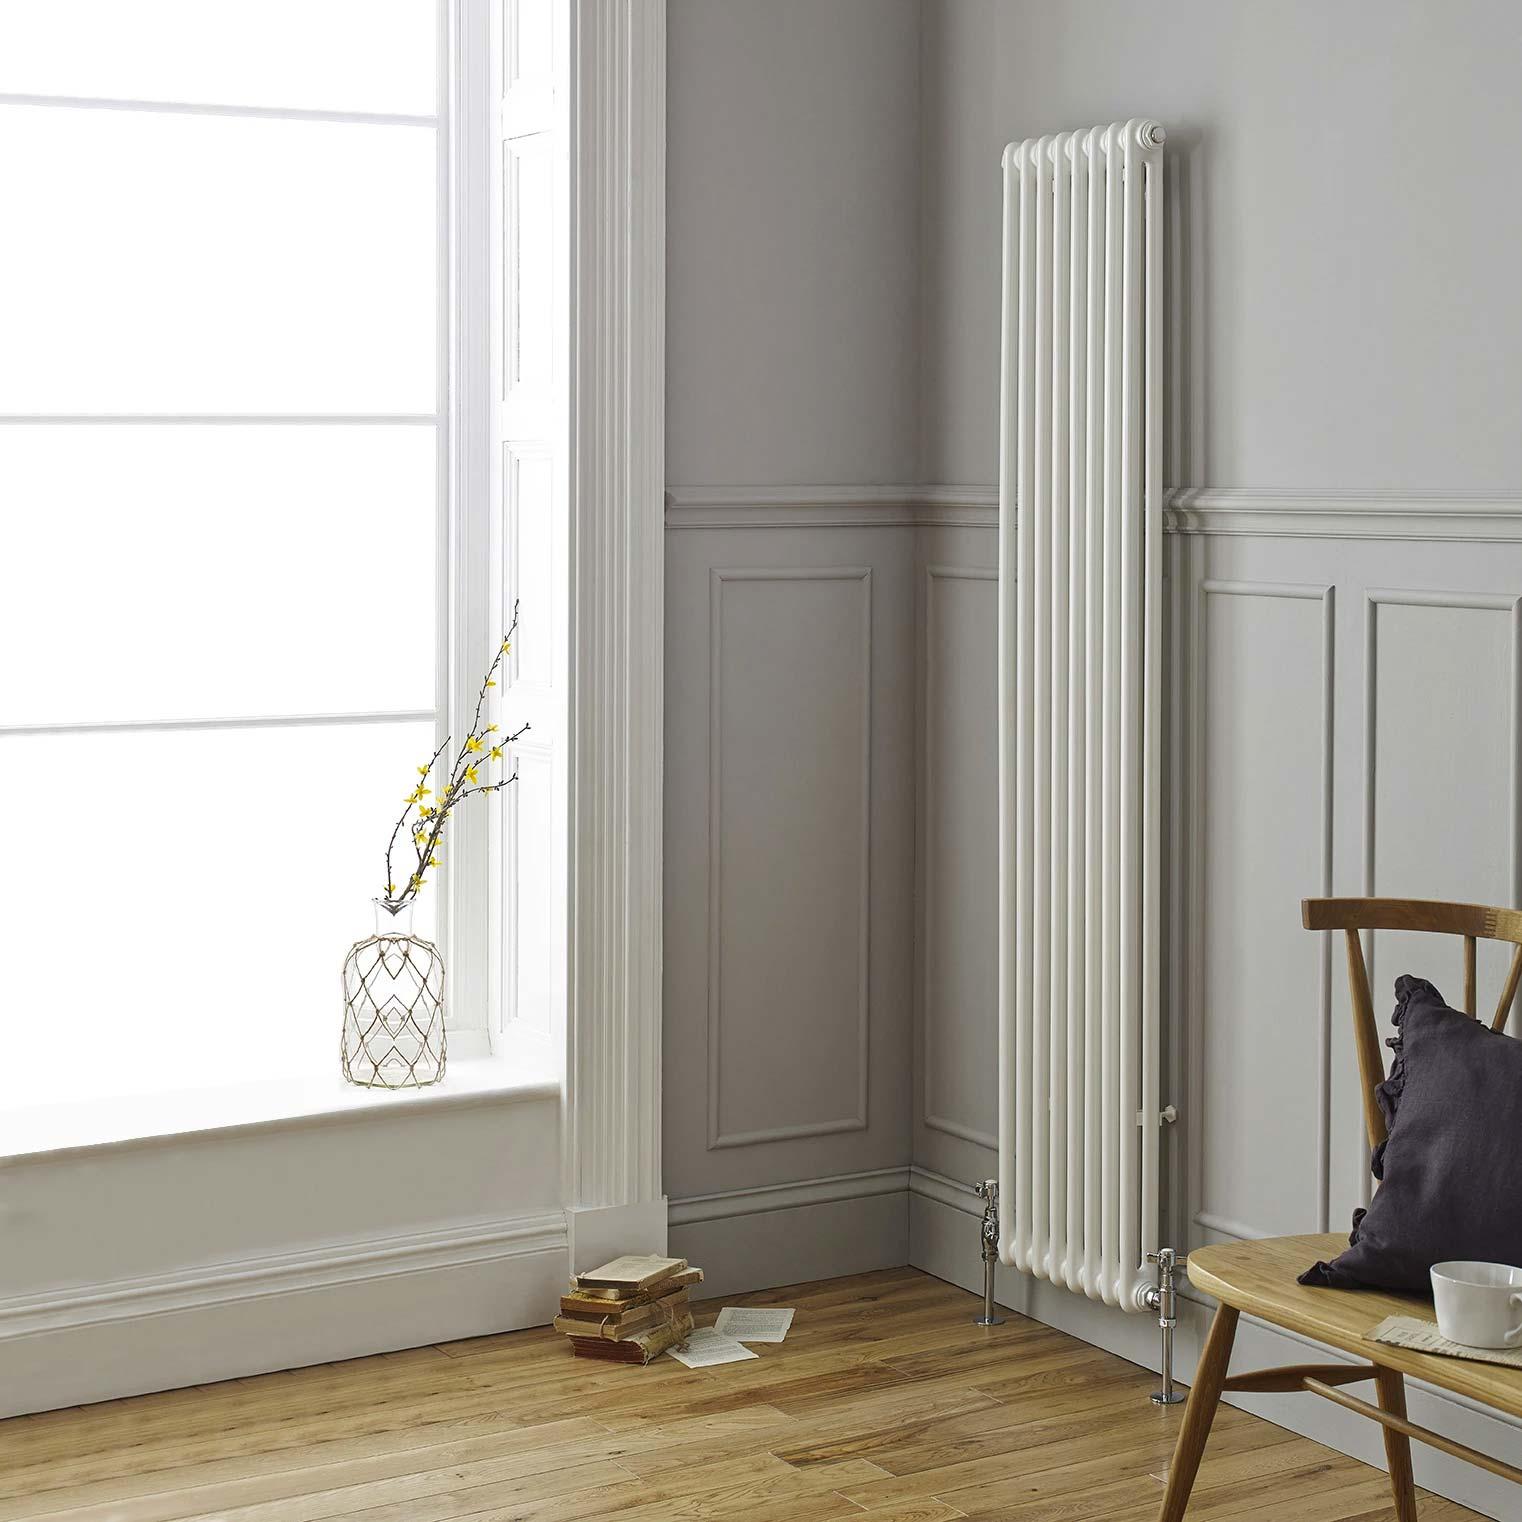 In een chique interieur hoort natuurlijk ook een bijpassende chique radiator. Deze witte verticale radiator is de perfecte keus!